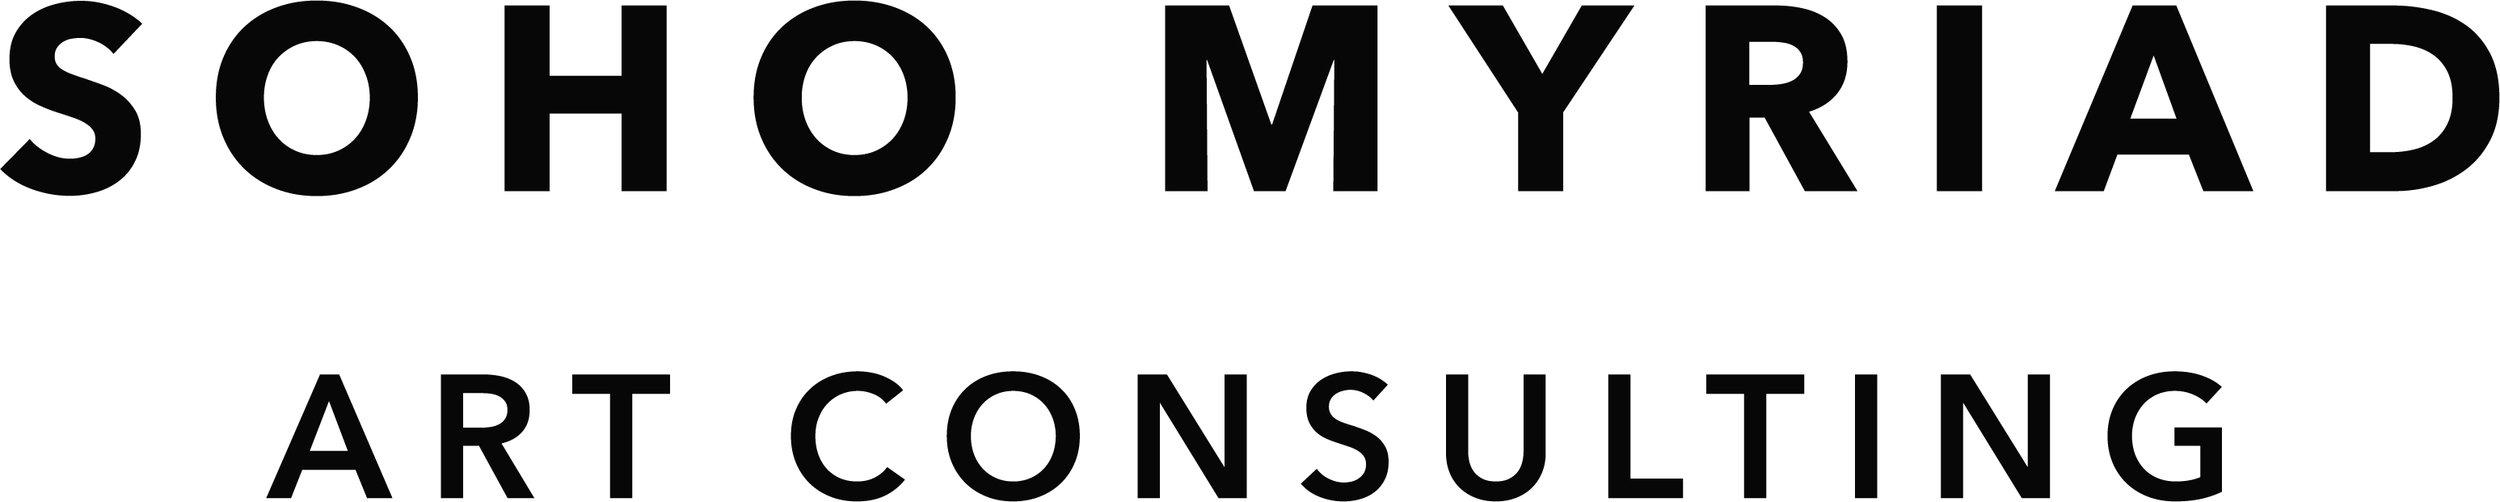 soho-myriad-logo-black-jpeg.jpg